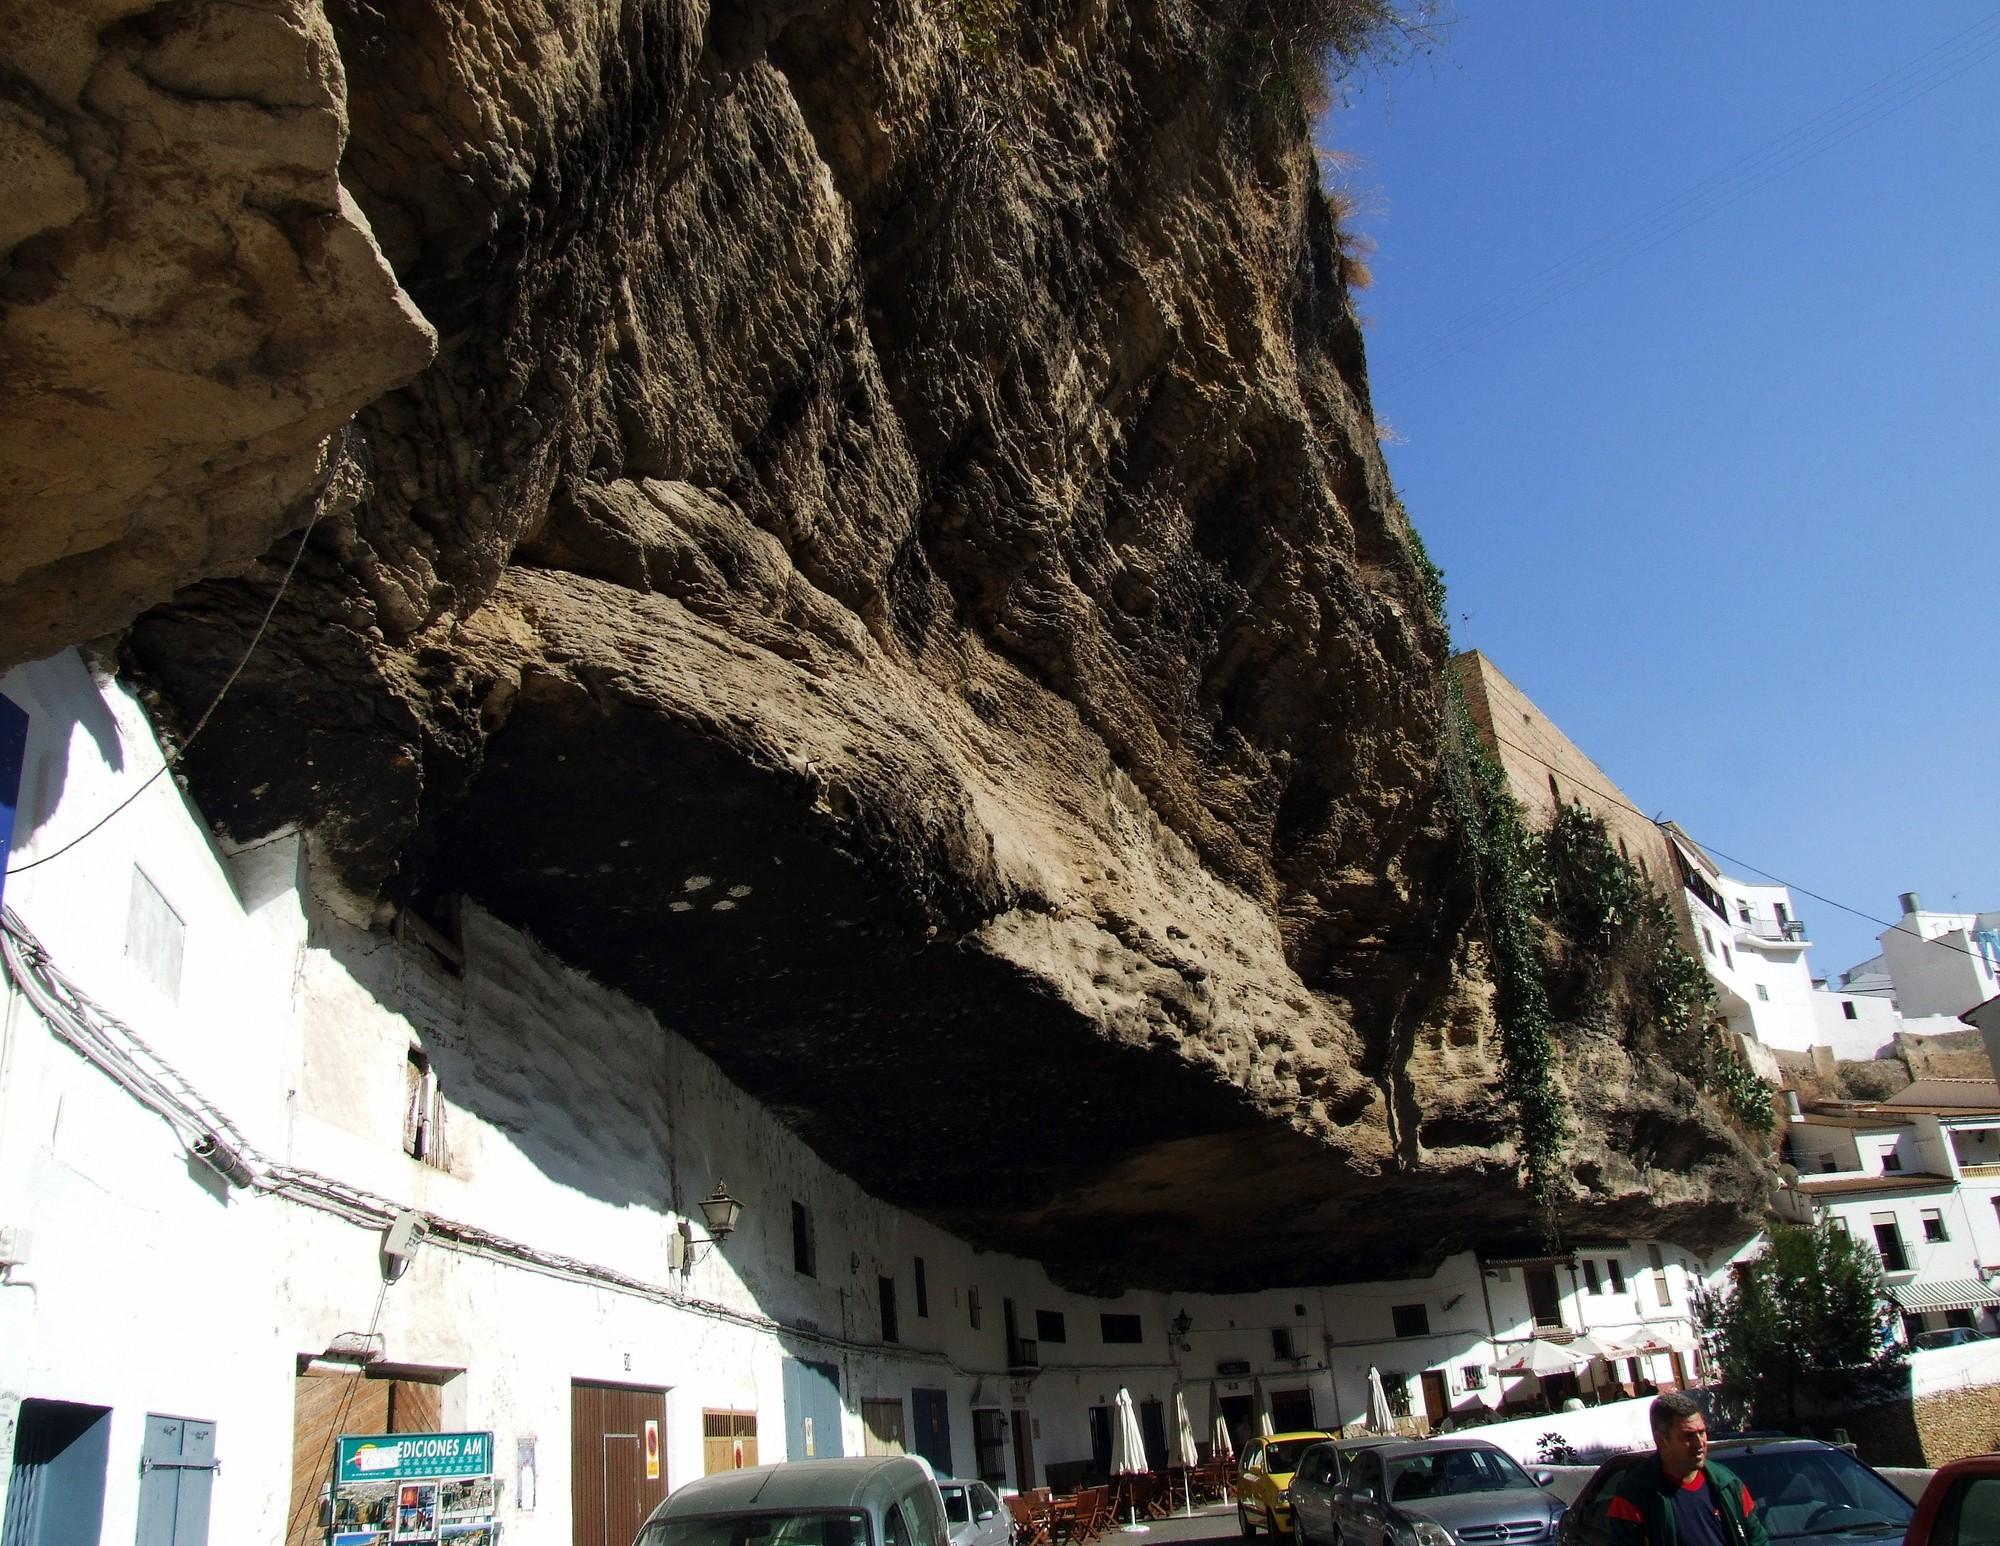 2. Setenil de las Bodegas - Living Under a Rock: Setenil de las Bodegas, Cádiz